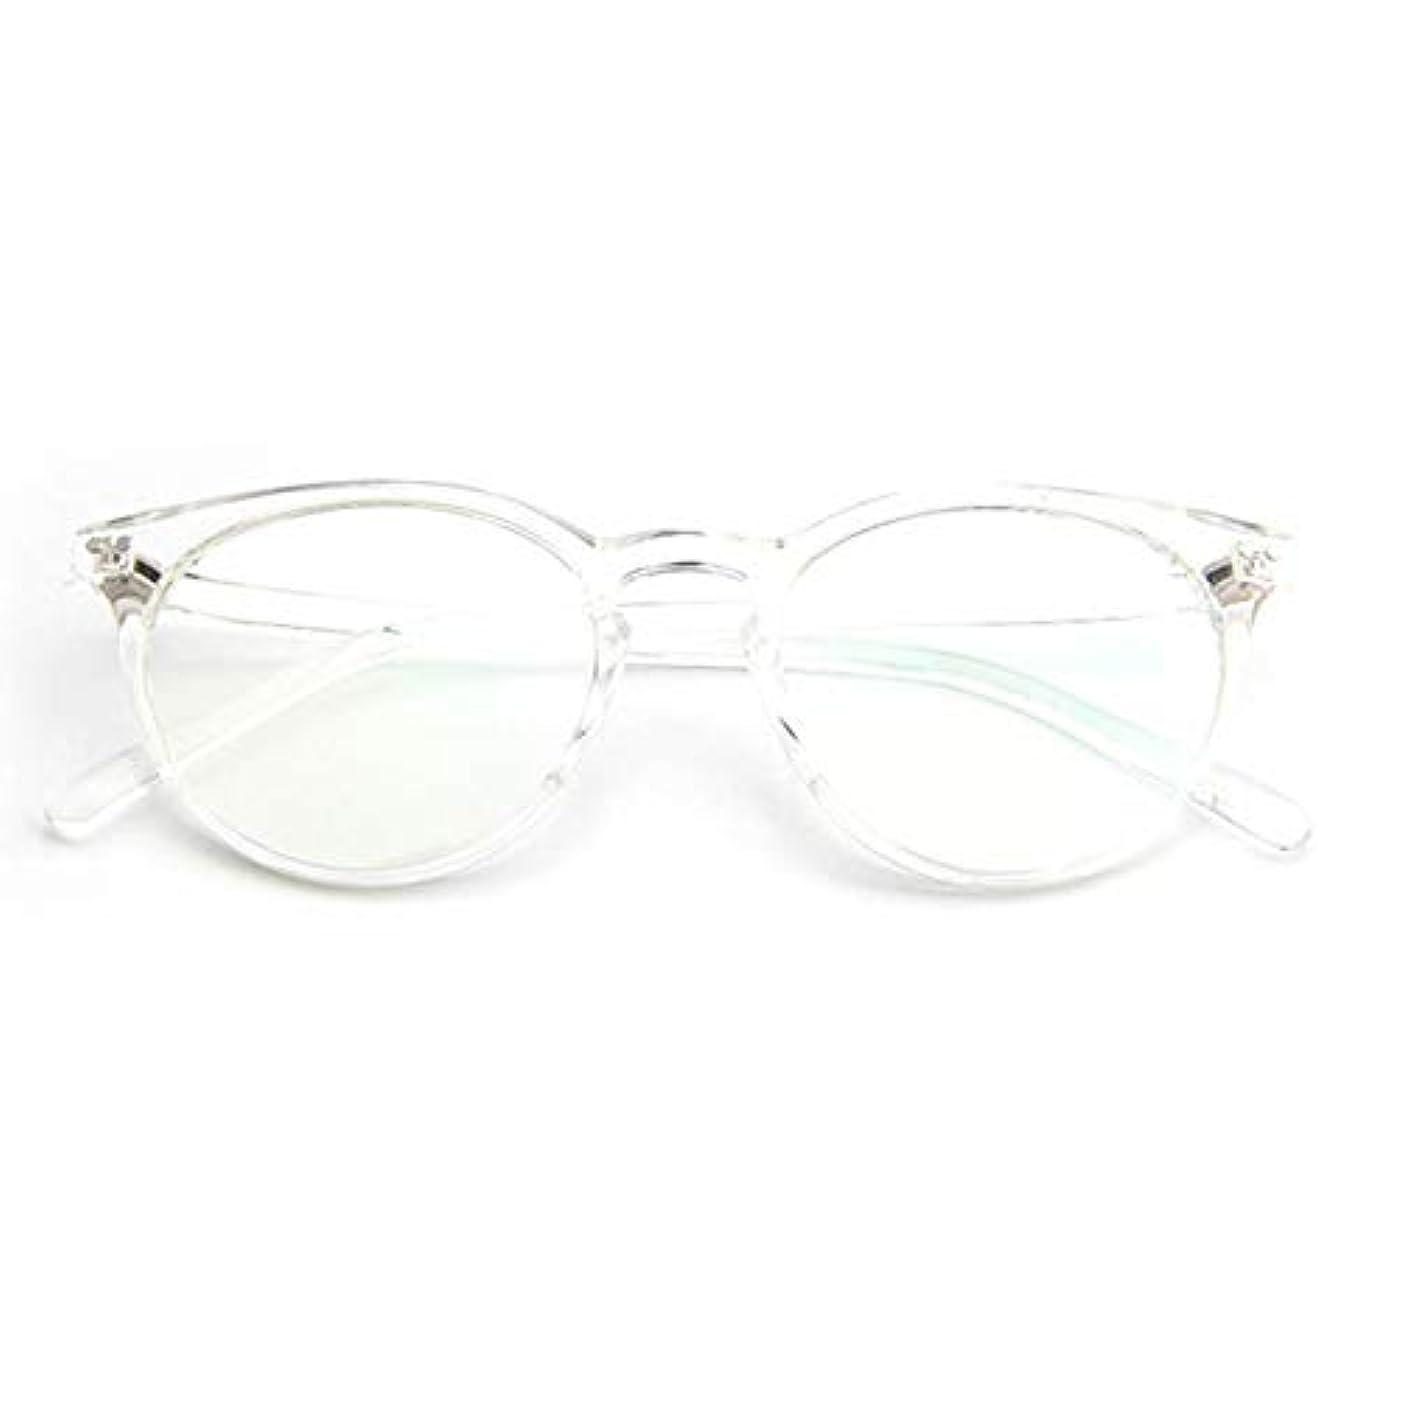 十一エスニック希望に満ちた小さな新鮮な米ネイルフレームレンズレトロ古風な円形フレームファッションフレーム男性用近視眼鏡女性-透明な白